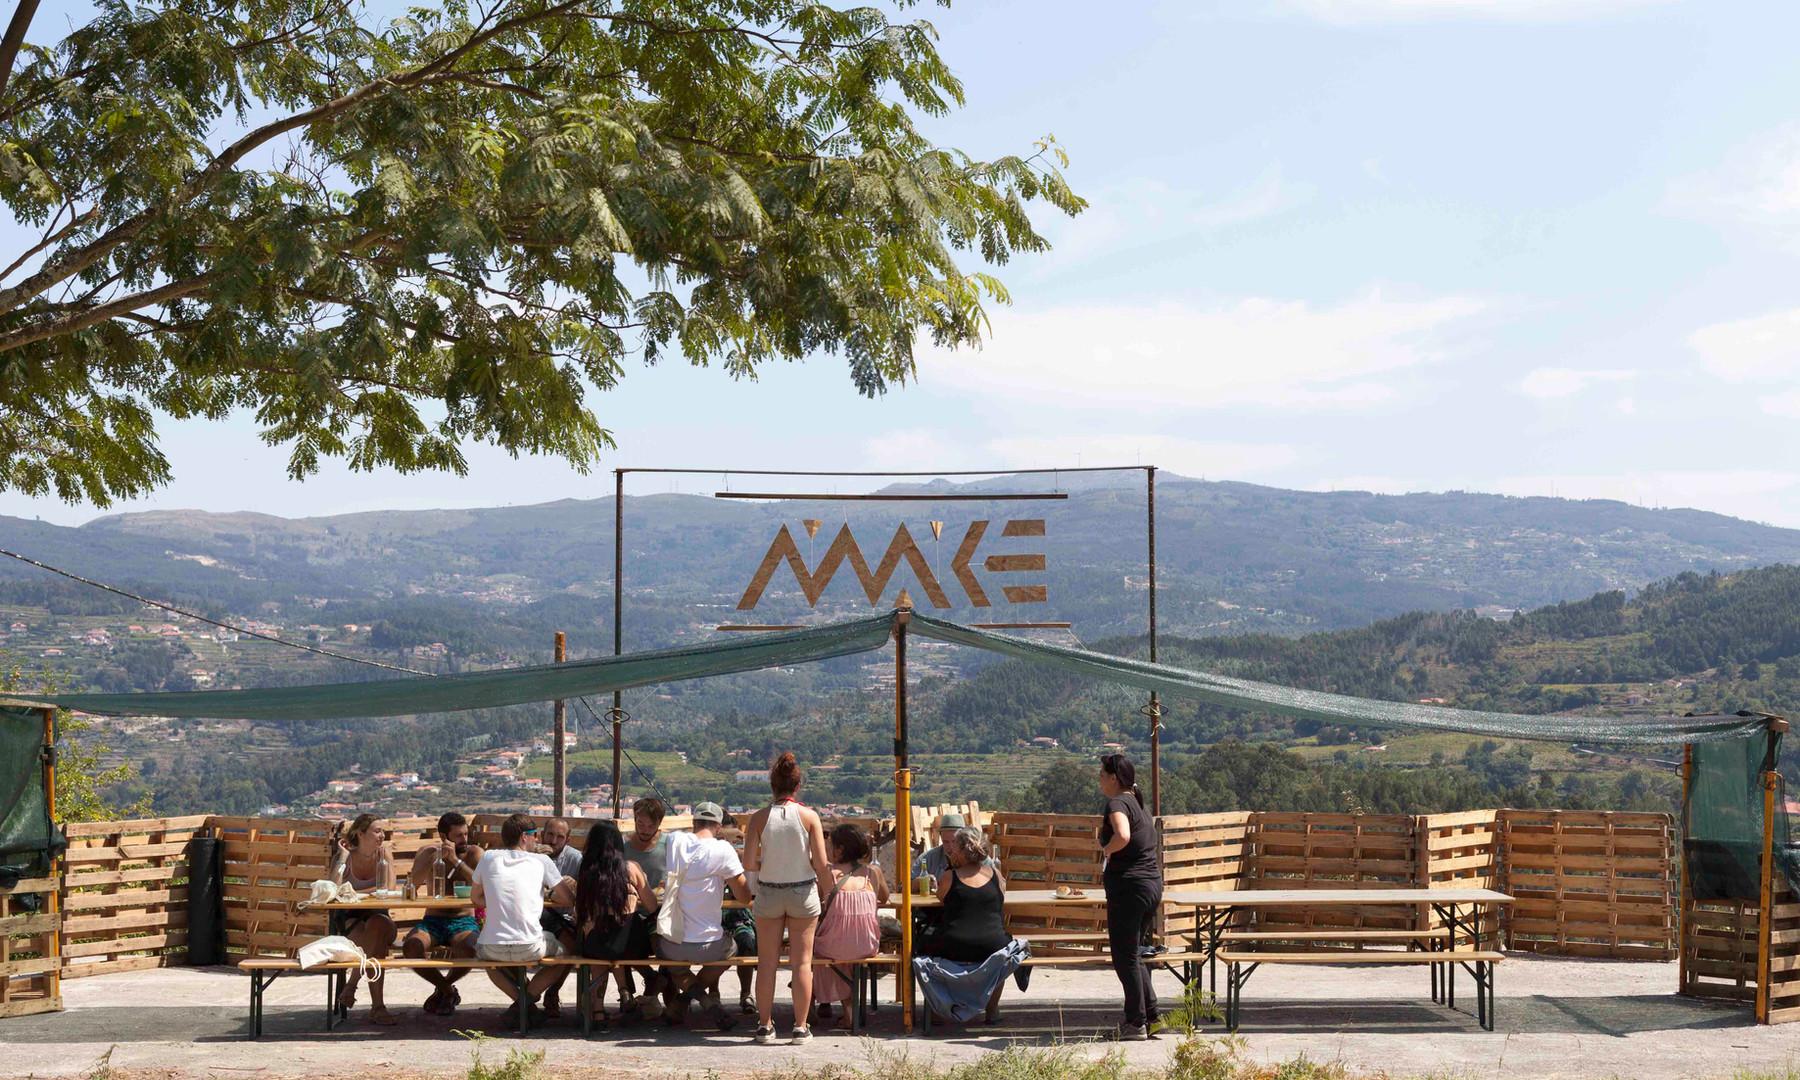 022_Make_Festival_Portugal_©Milena_Villa